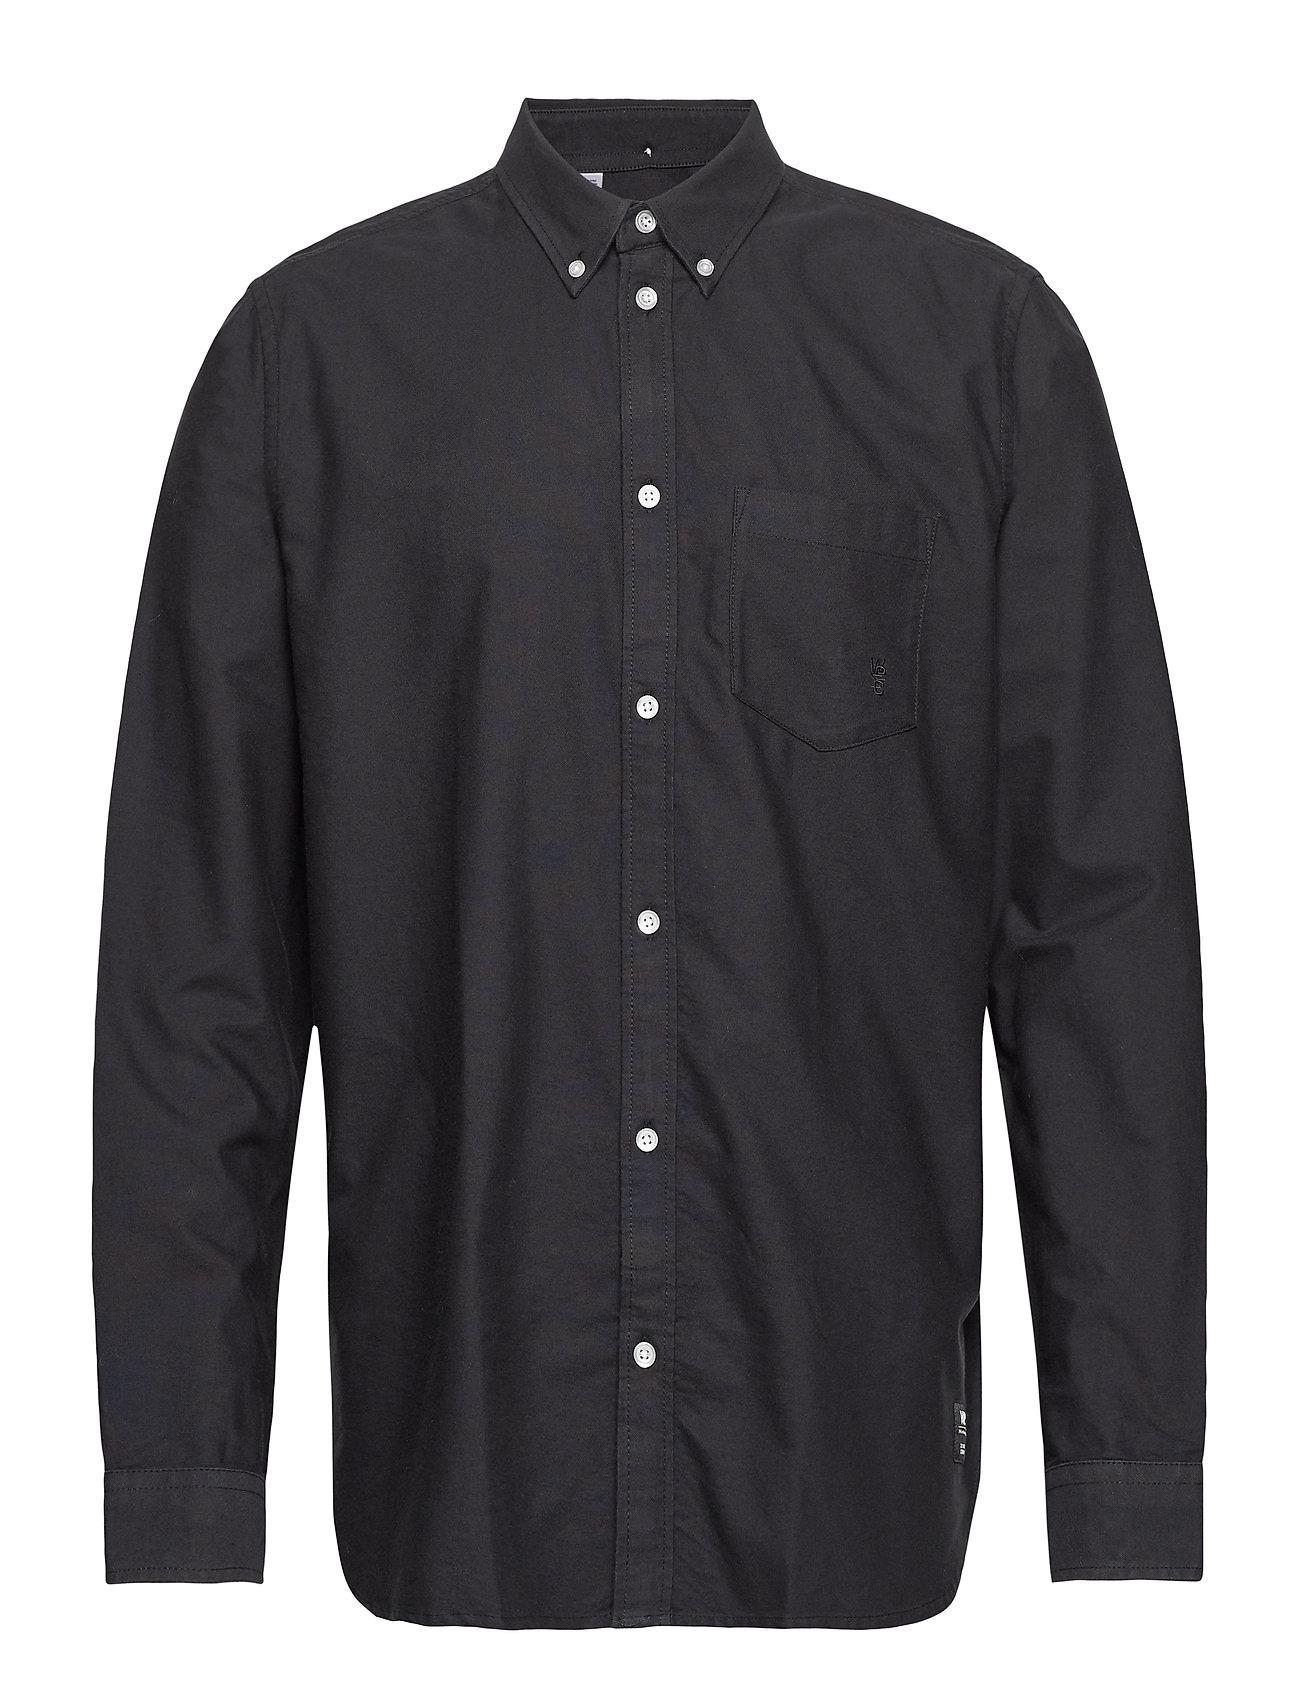 WeSC Oden Shirt - BLACK